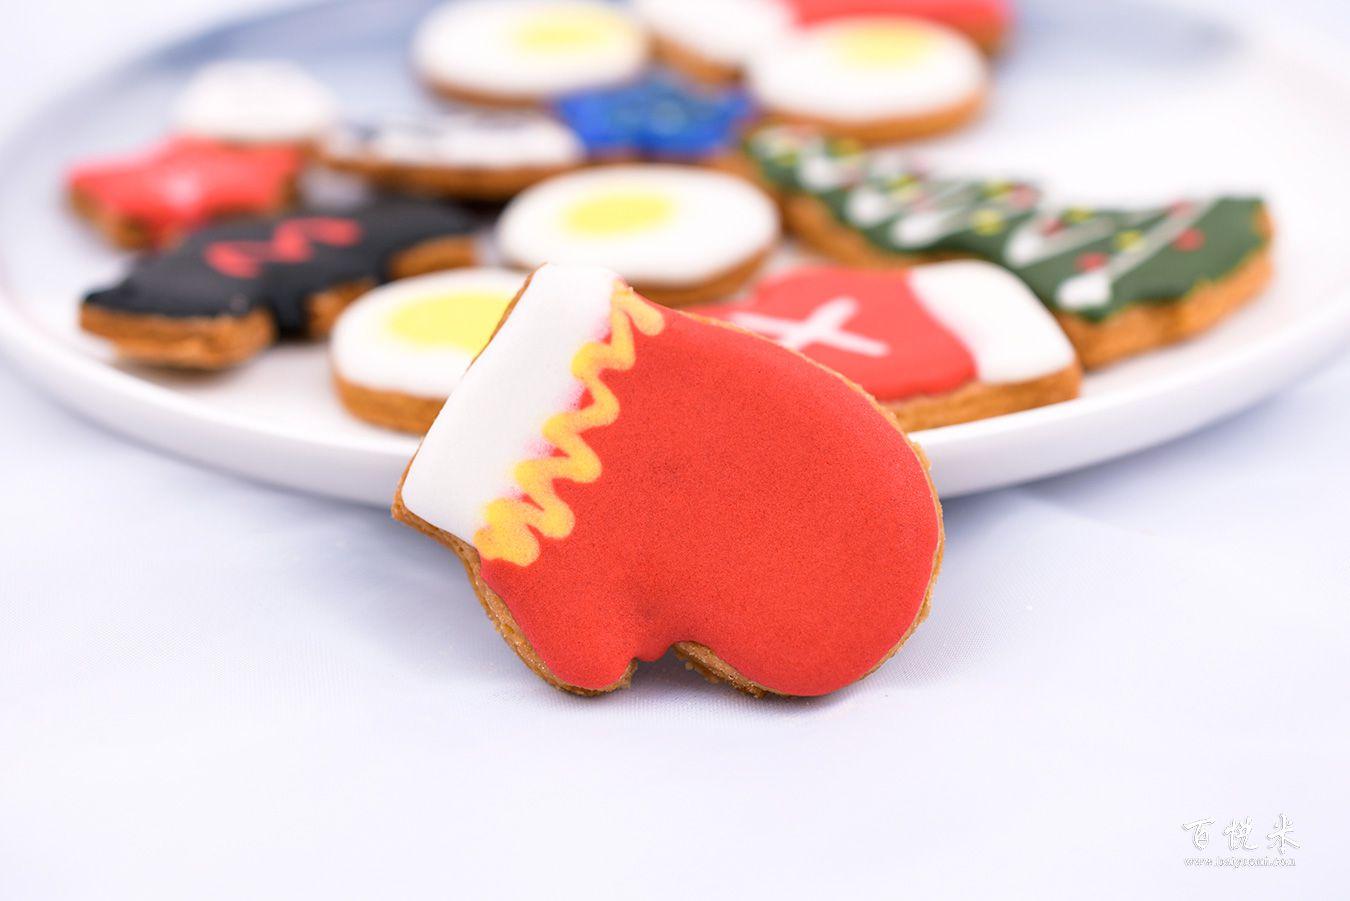 手绘卡通糖霜饼干高清图片大全【蛋糕图片】_928